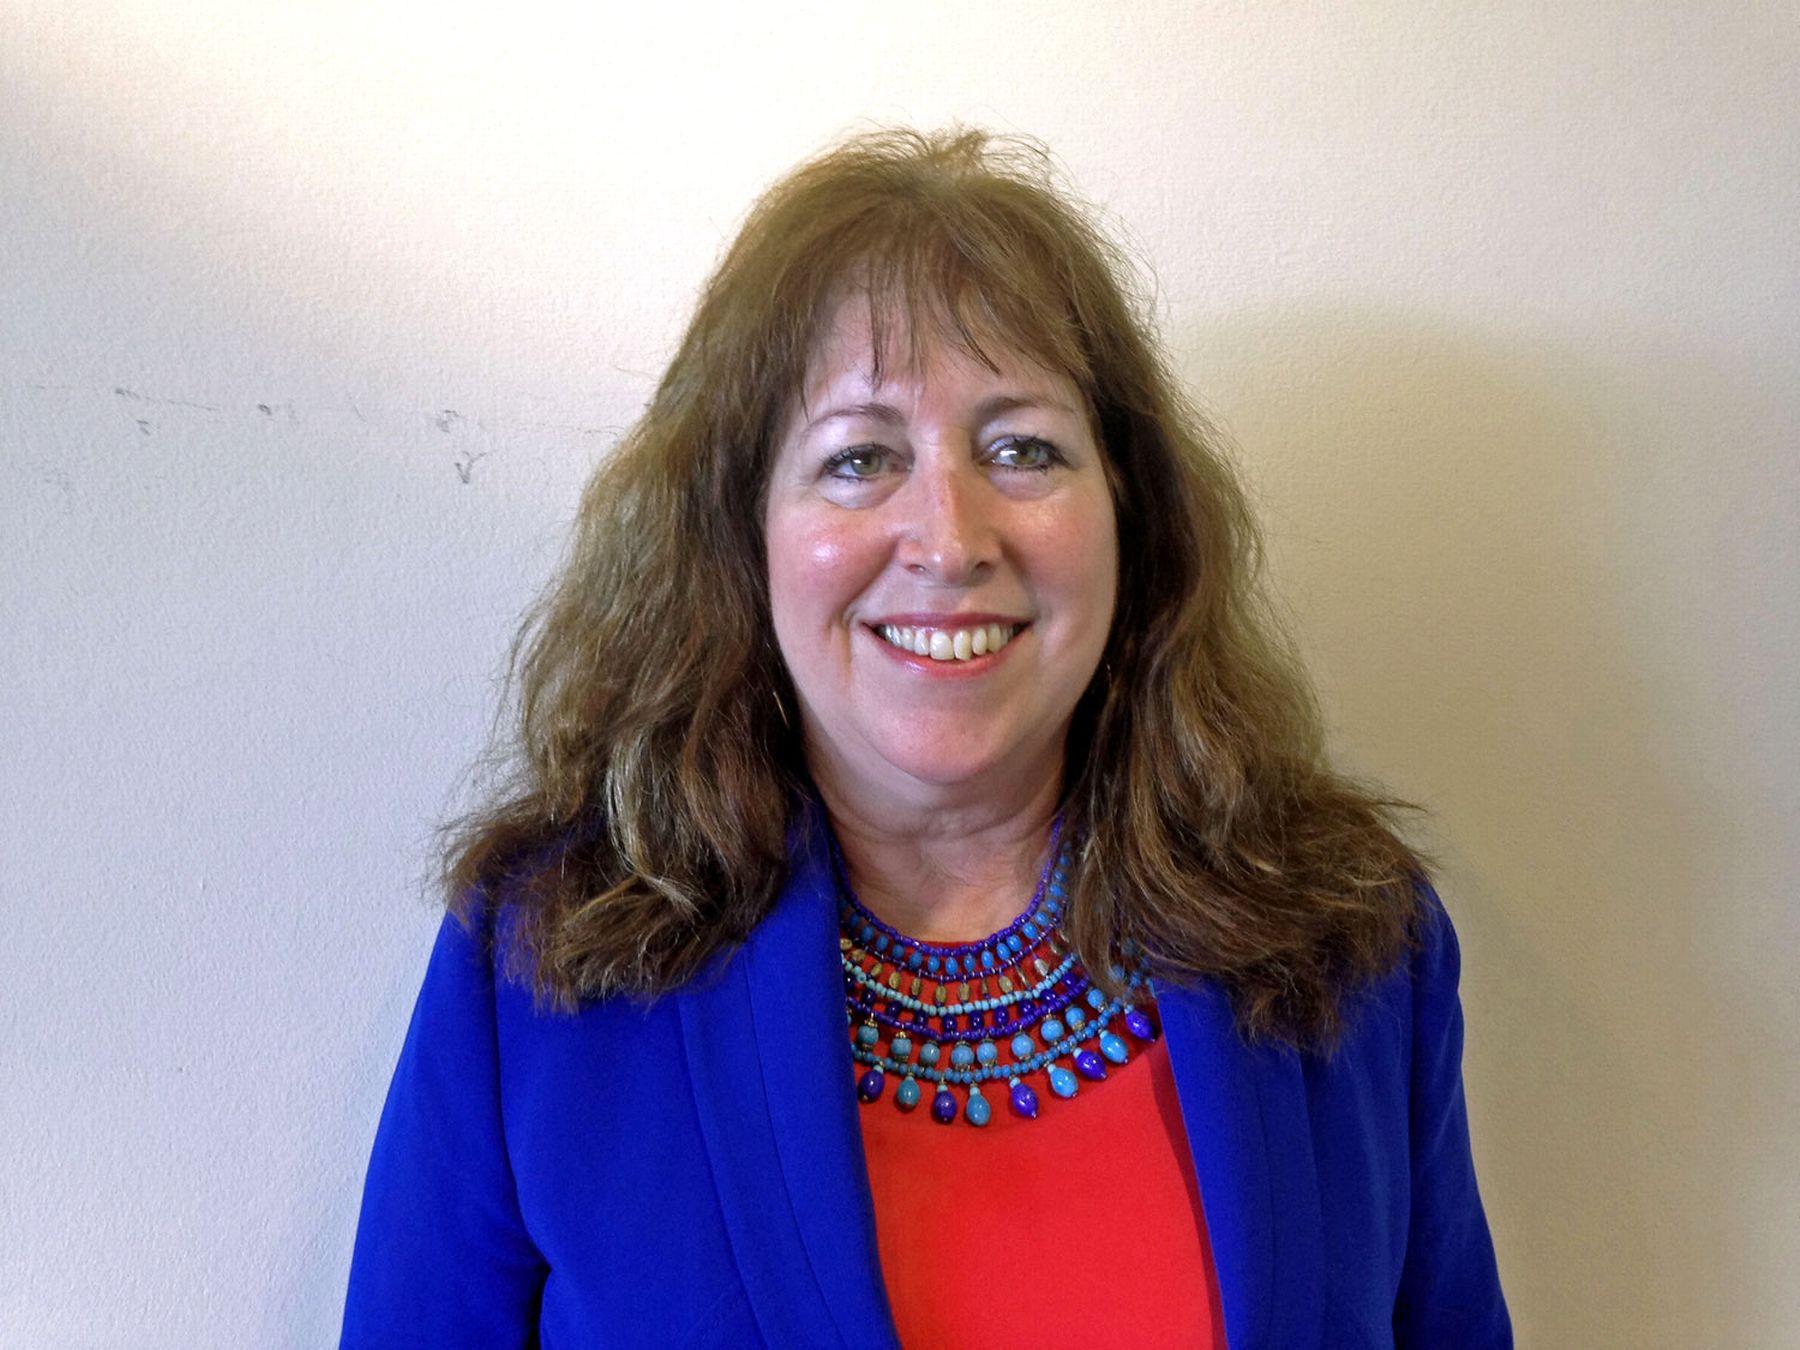 Anne Speckhard est spécialiste de l'approche psychologique du terrorisme.